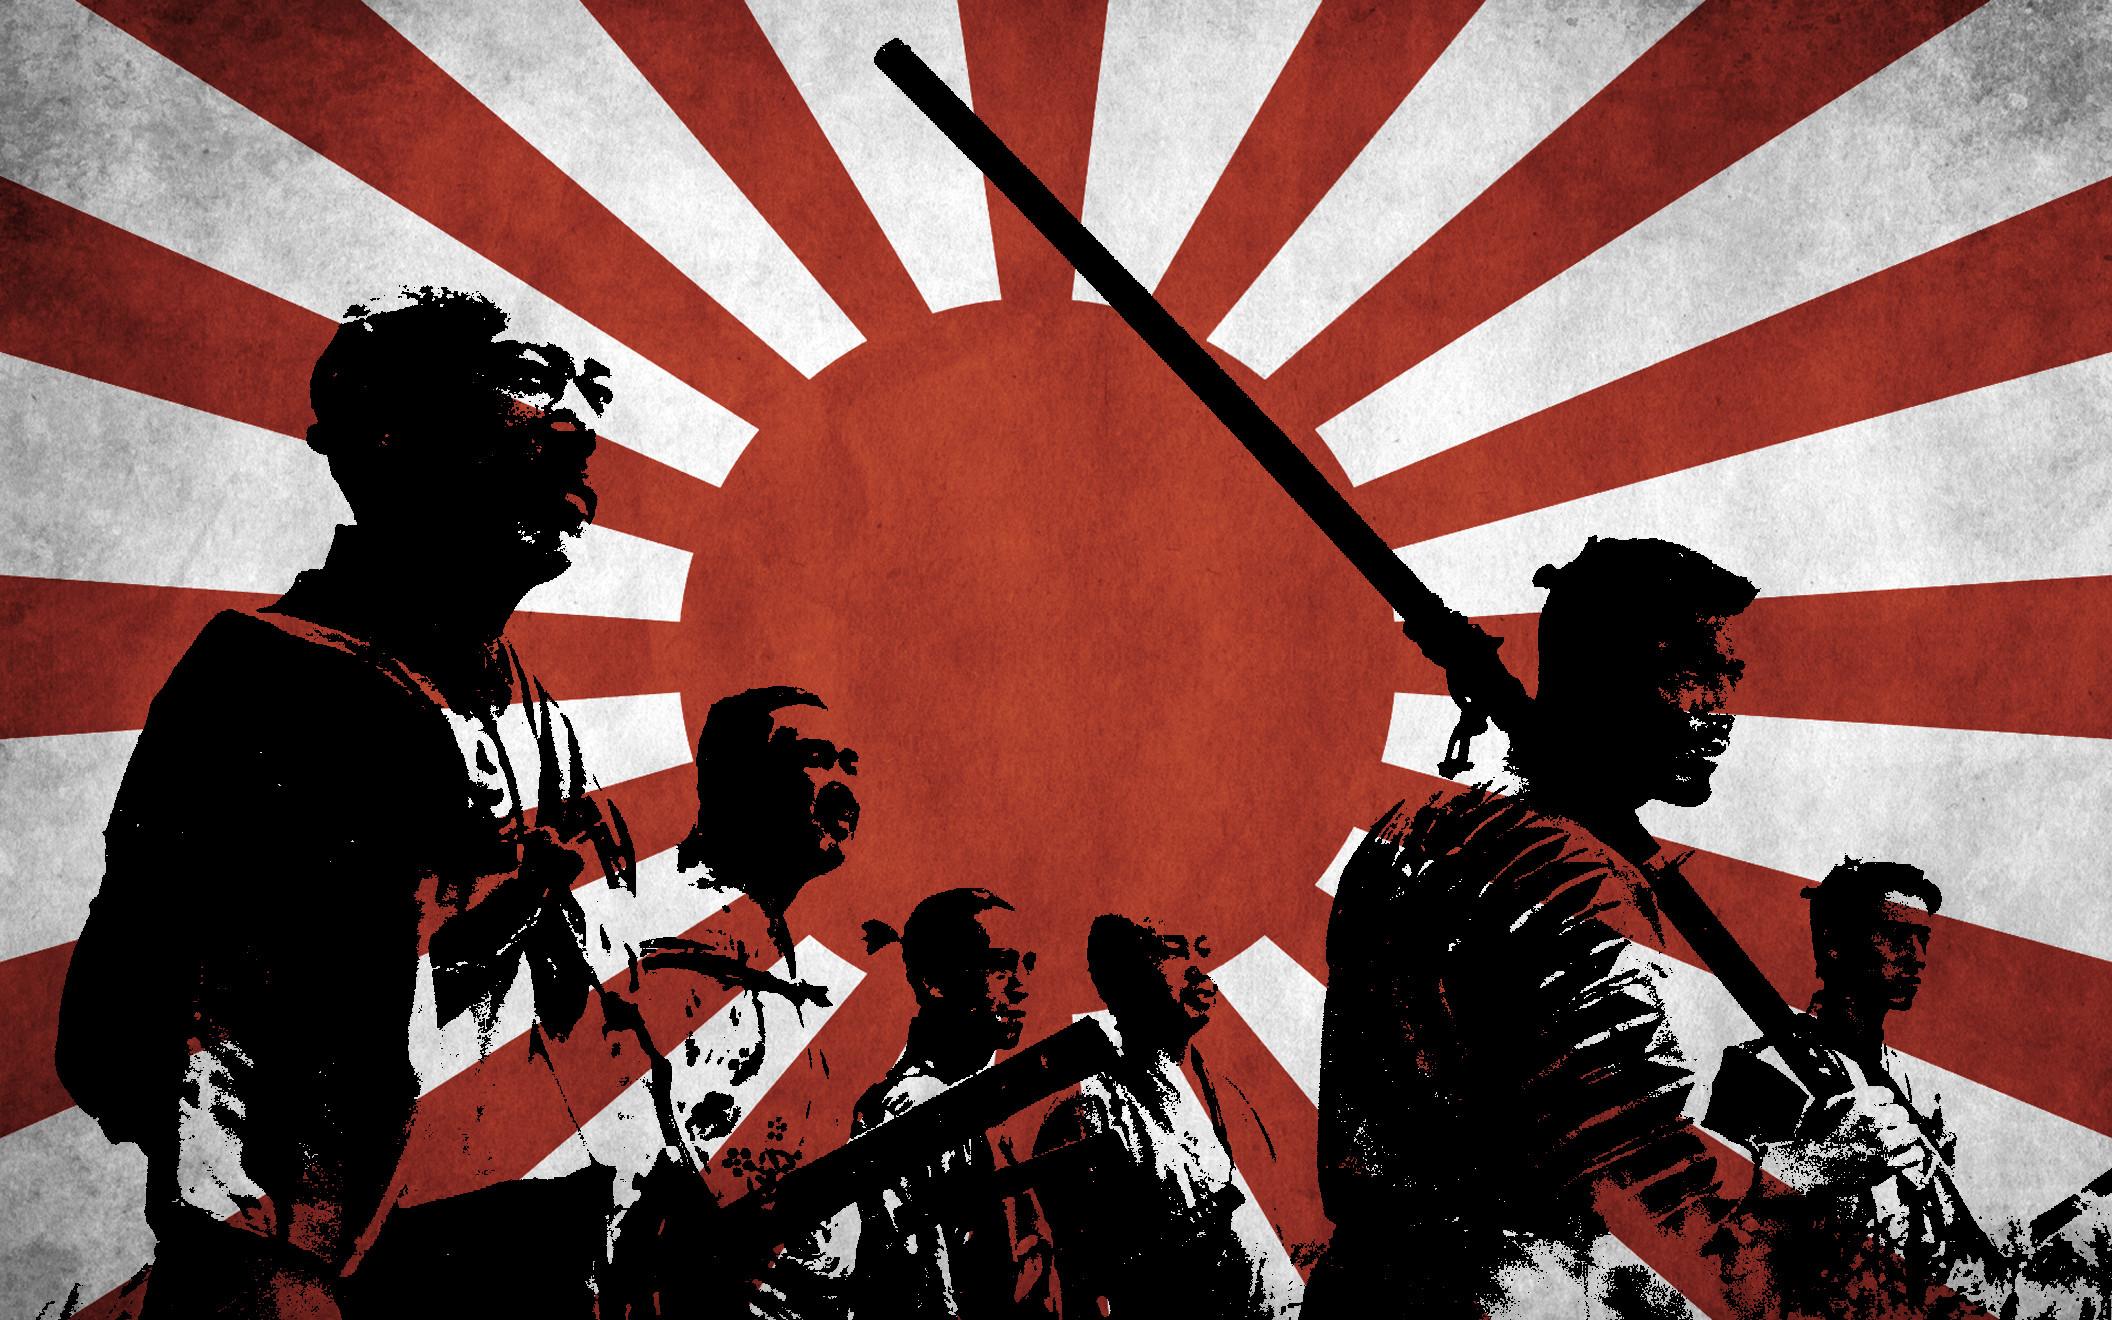 seven_samurai_rising_sun_by_elementary_watson-d2o4b51.  seven_samurai_rising_sun_by_elementary_watson-d2o4b51 0 HTML code. Seven  Samurai Flag Wallpaper …